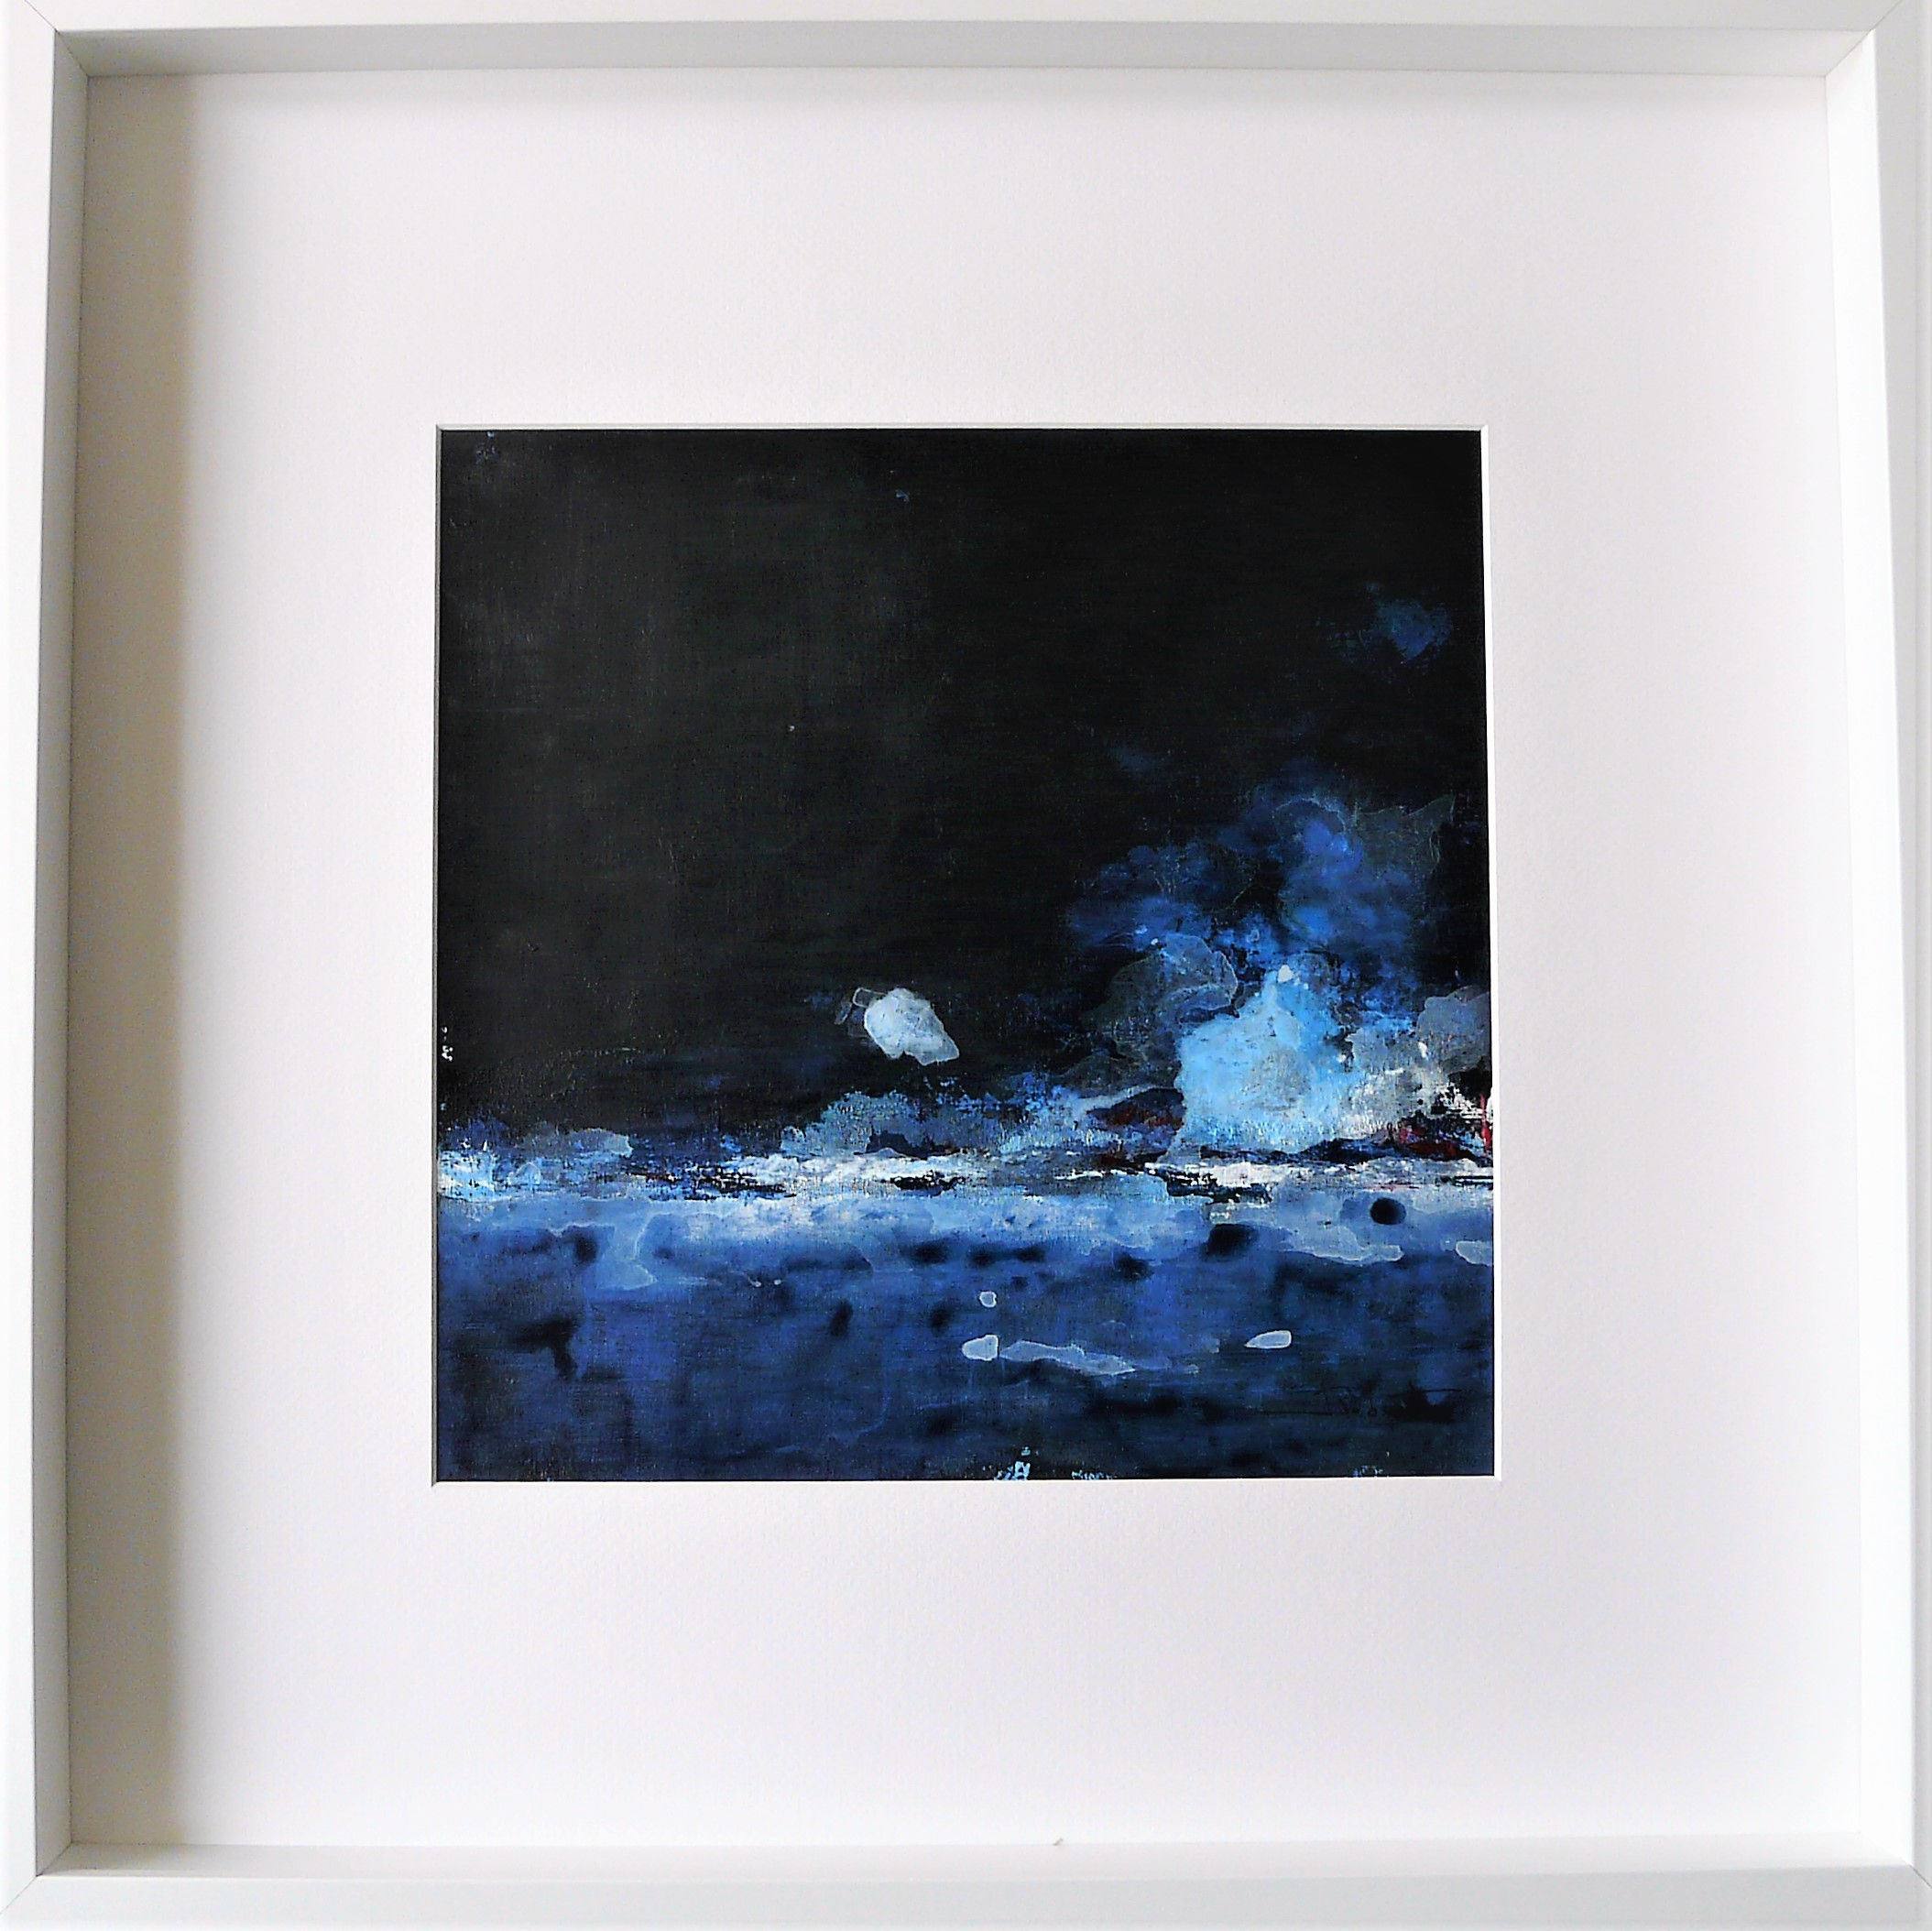 Océan mer pm num 8 acrylique sur papier toilé 30x30 et 50x50 cm avec cadre